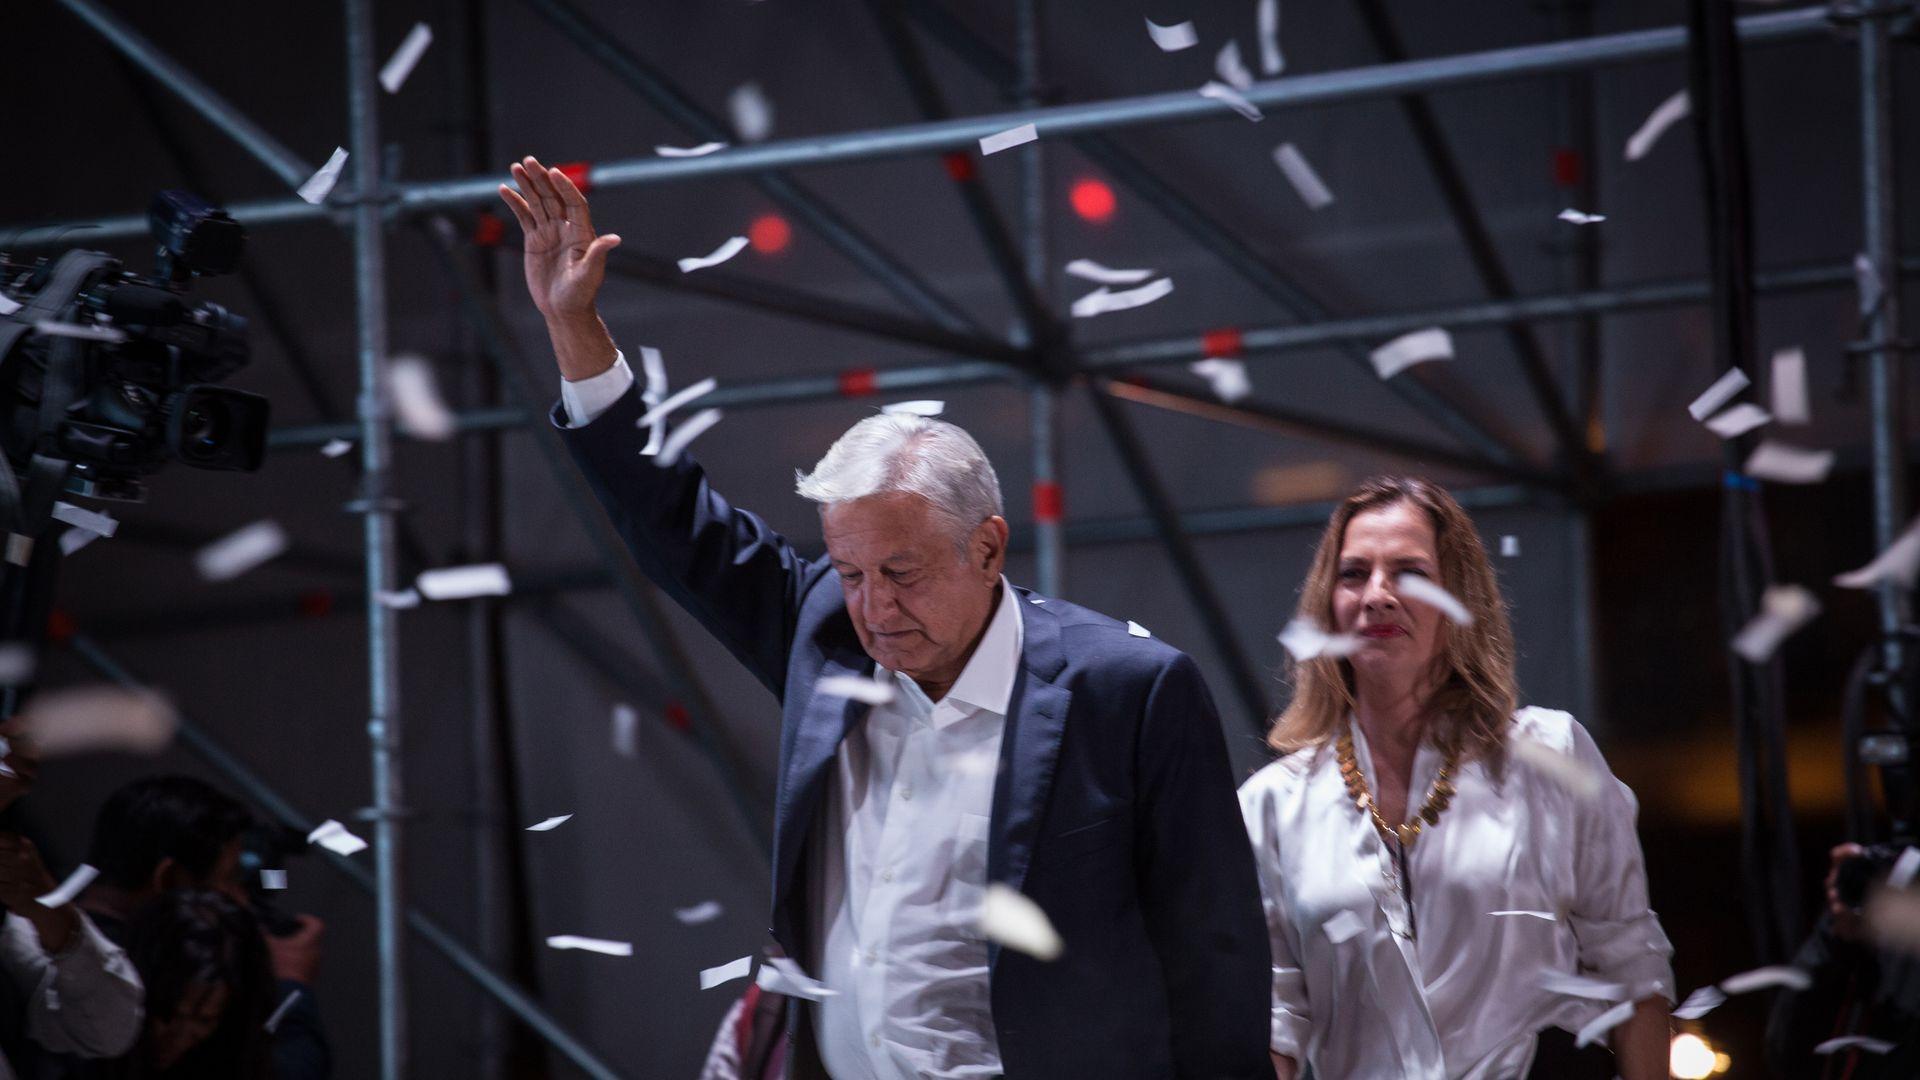 Mexican President-elect Lopez Obrador